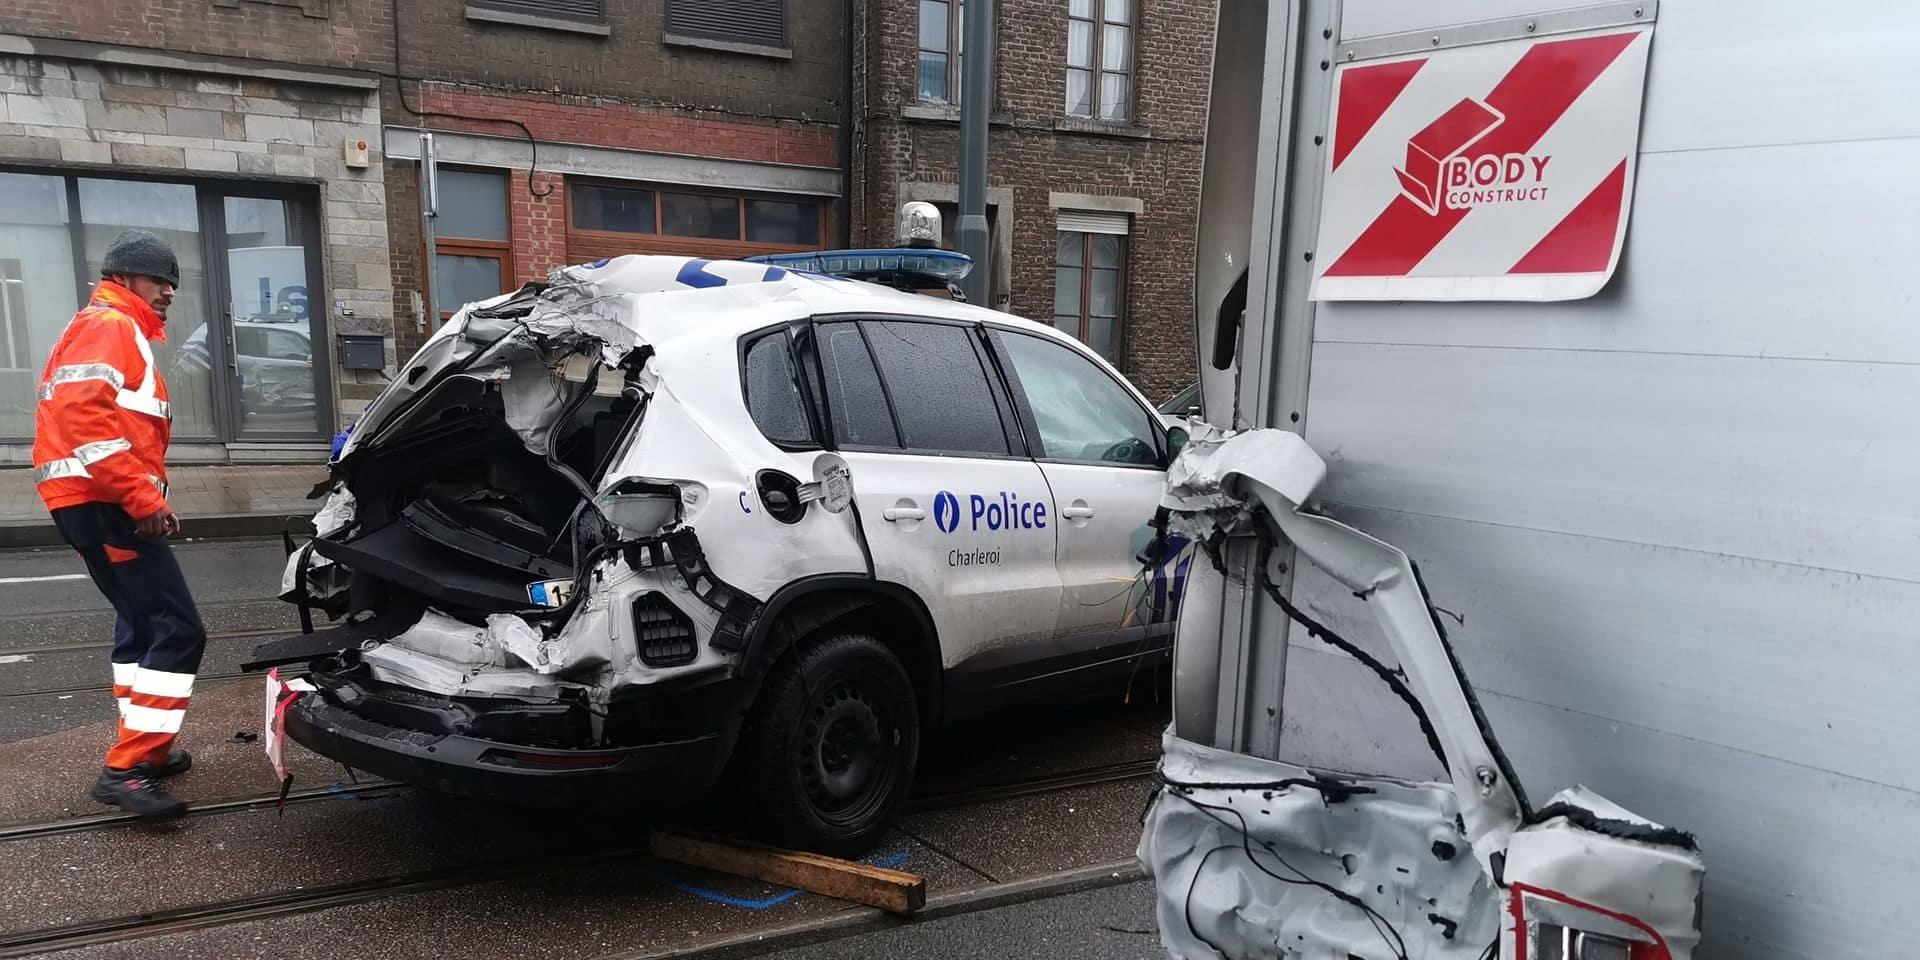 Une voiture de police percutée alors qu'elle passe en urgence pour un enfant qui menace de se jeter sous un tram